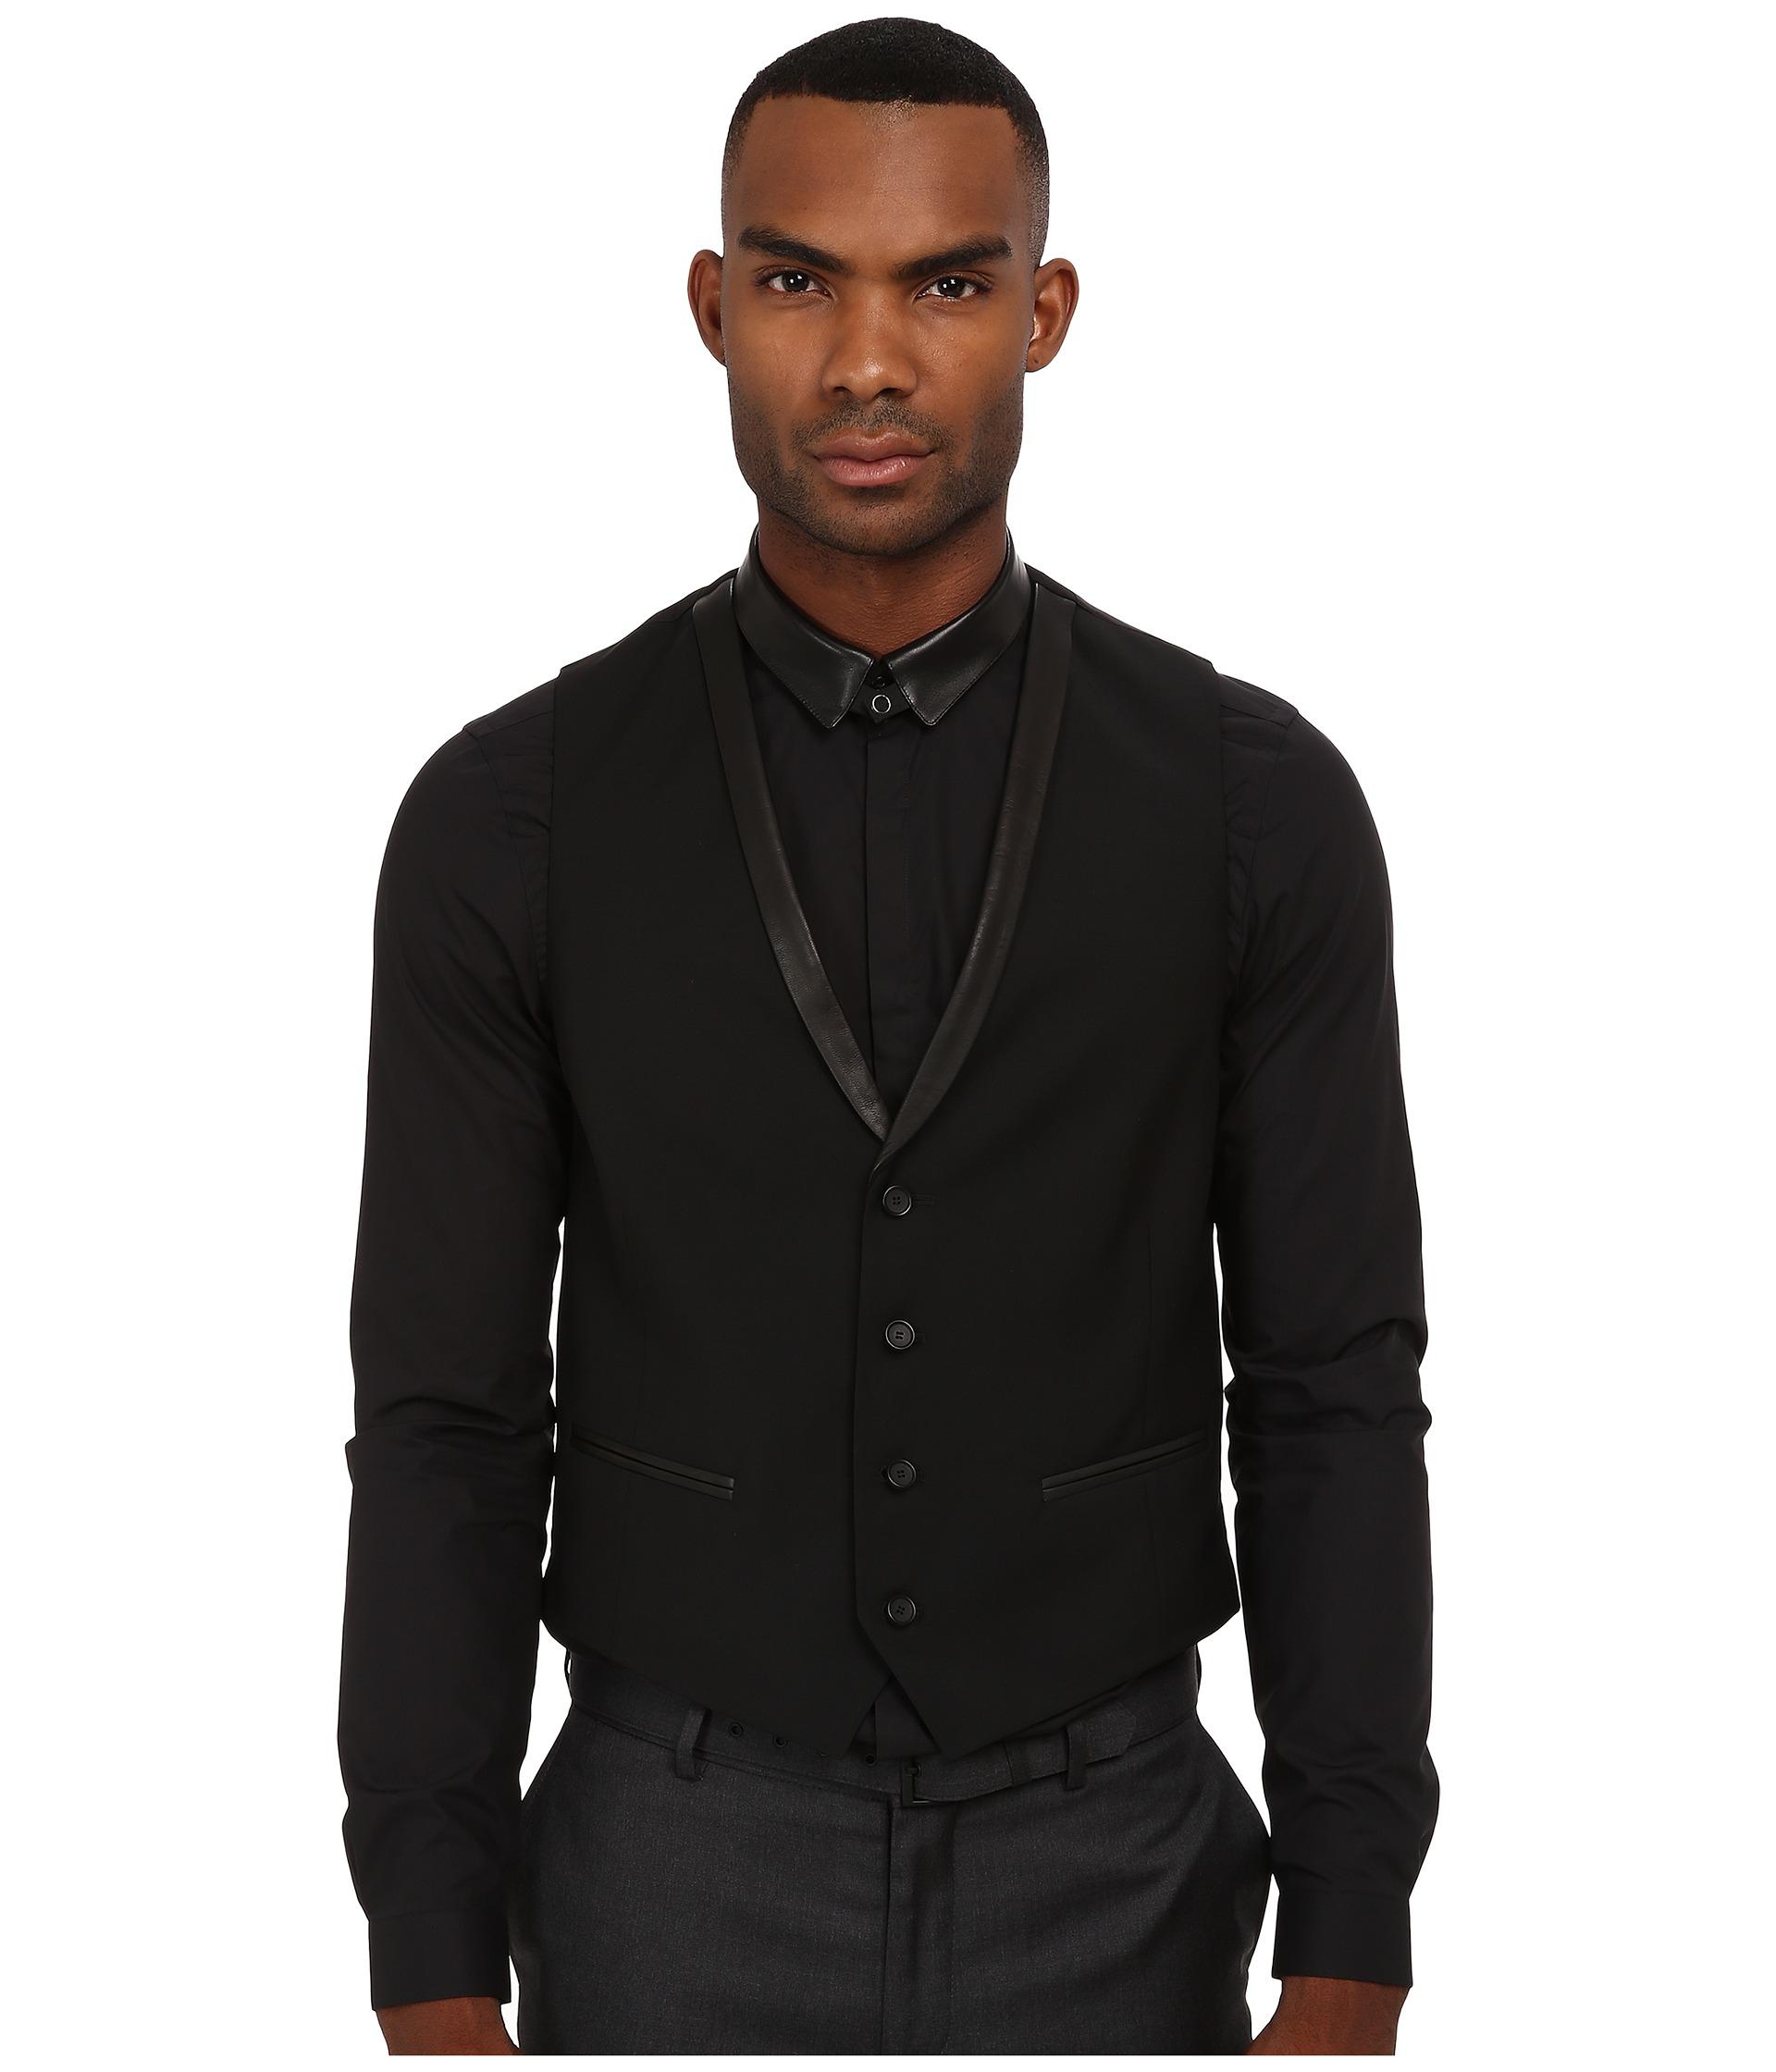 all black suit vest - photo #9